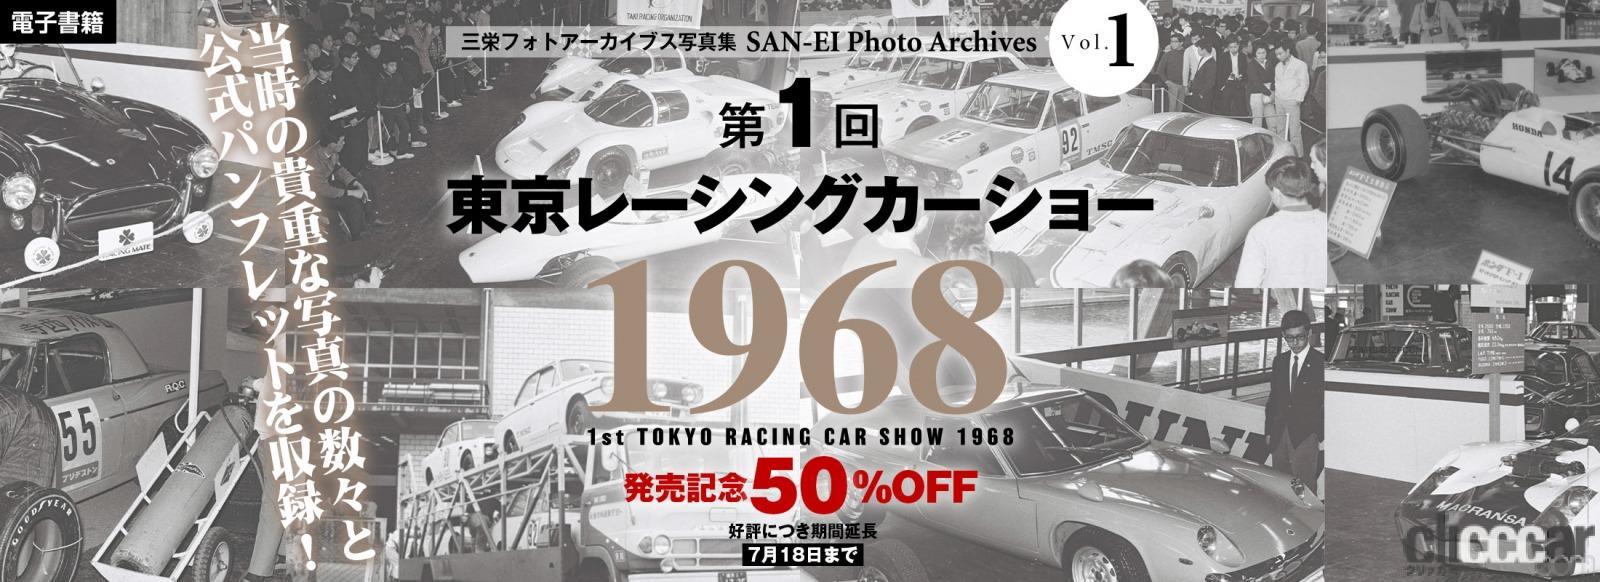 「三億円事件が起きた1968年、伝説の自動車イベント「東京レーシングカーショー」の第1回が開催された!」の14枚目の画像